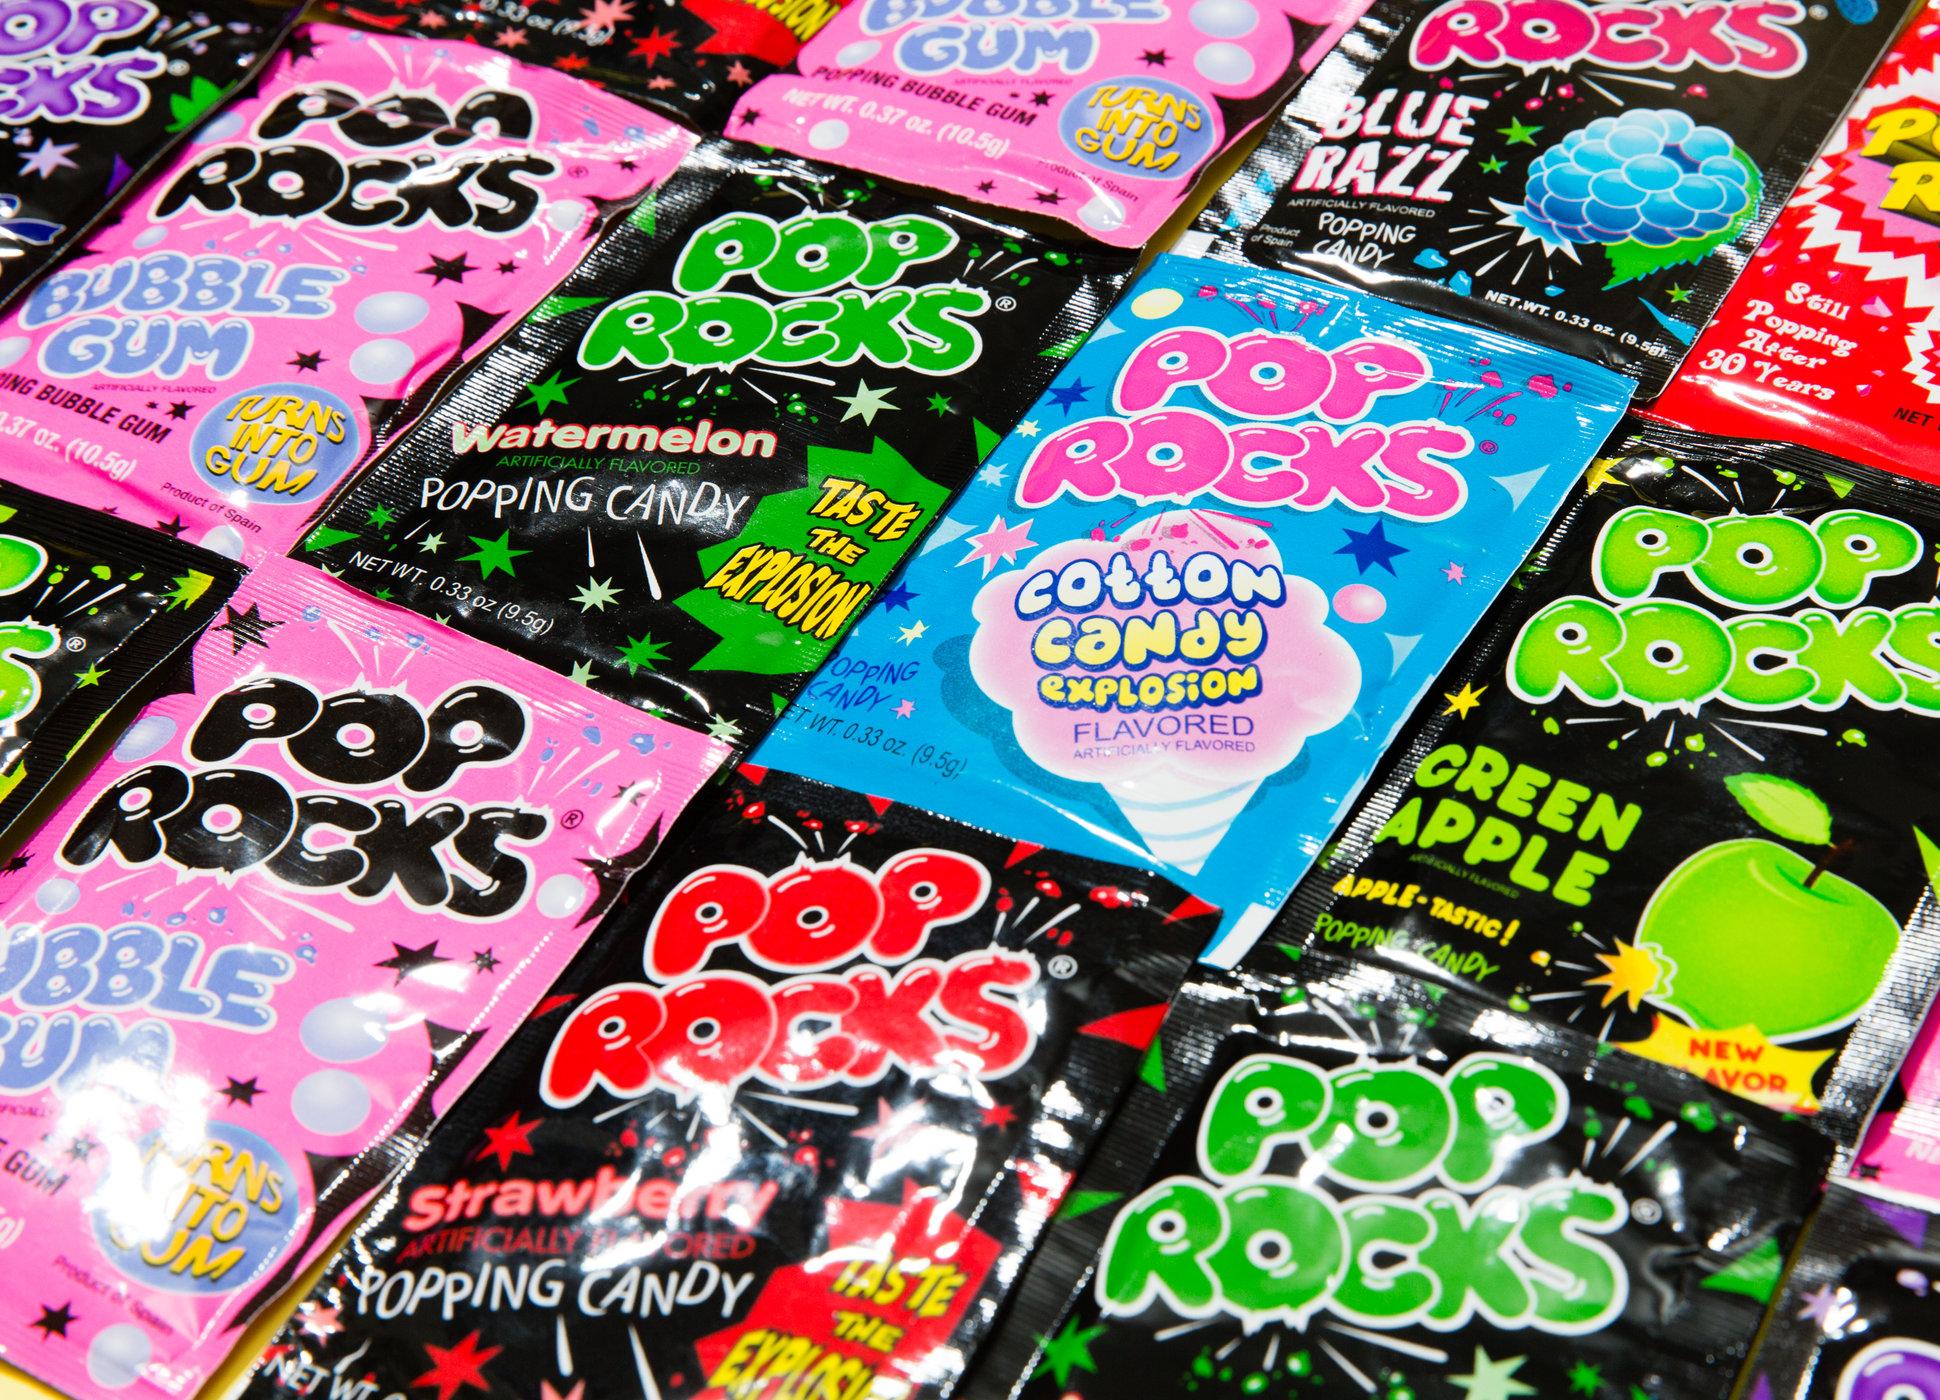 Pop Rocks Urban Legend: Mikey's Death by Pop Rocks - Thrillist